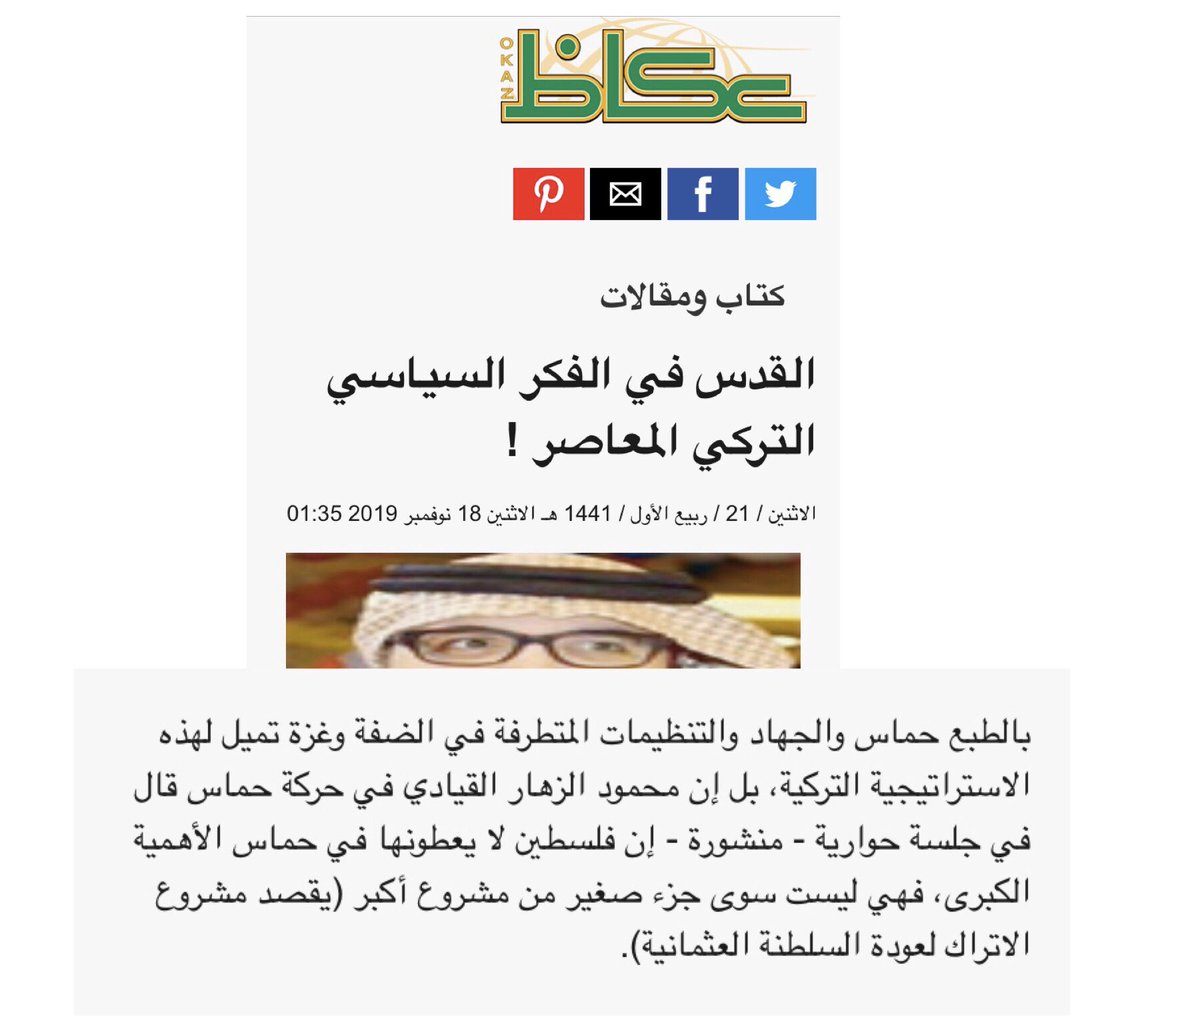 أصبح وصم المقاومة الفلسطينية في الصحافة السعودية بالتطرف والإرهاب ظاهرة لافتة، ثمّ يغضب #المتطرفي وما جر غصنه من اتهام النفيسي لها بالإسفاف! الحقّ أنّ قوله إنها مُسفّة، هو من باب تلطيف القبيح euphemism. #أبق_الوعي_حيا